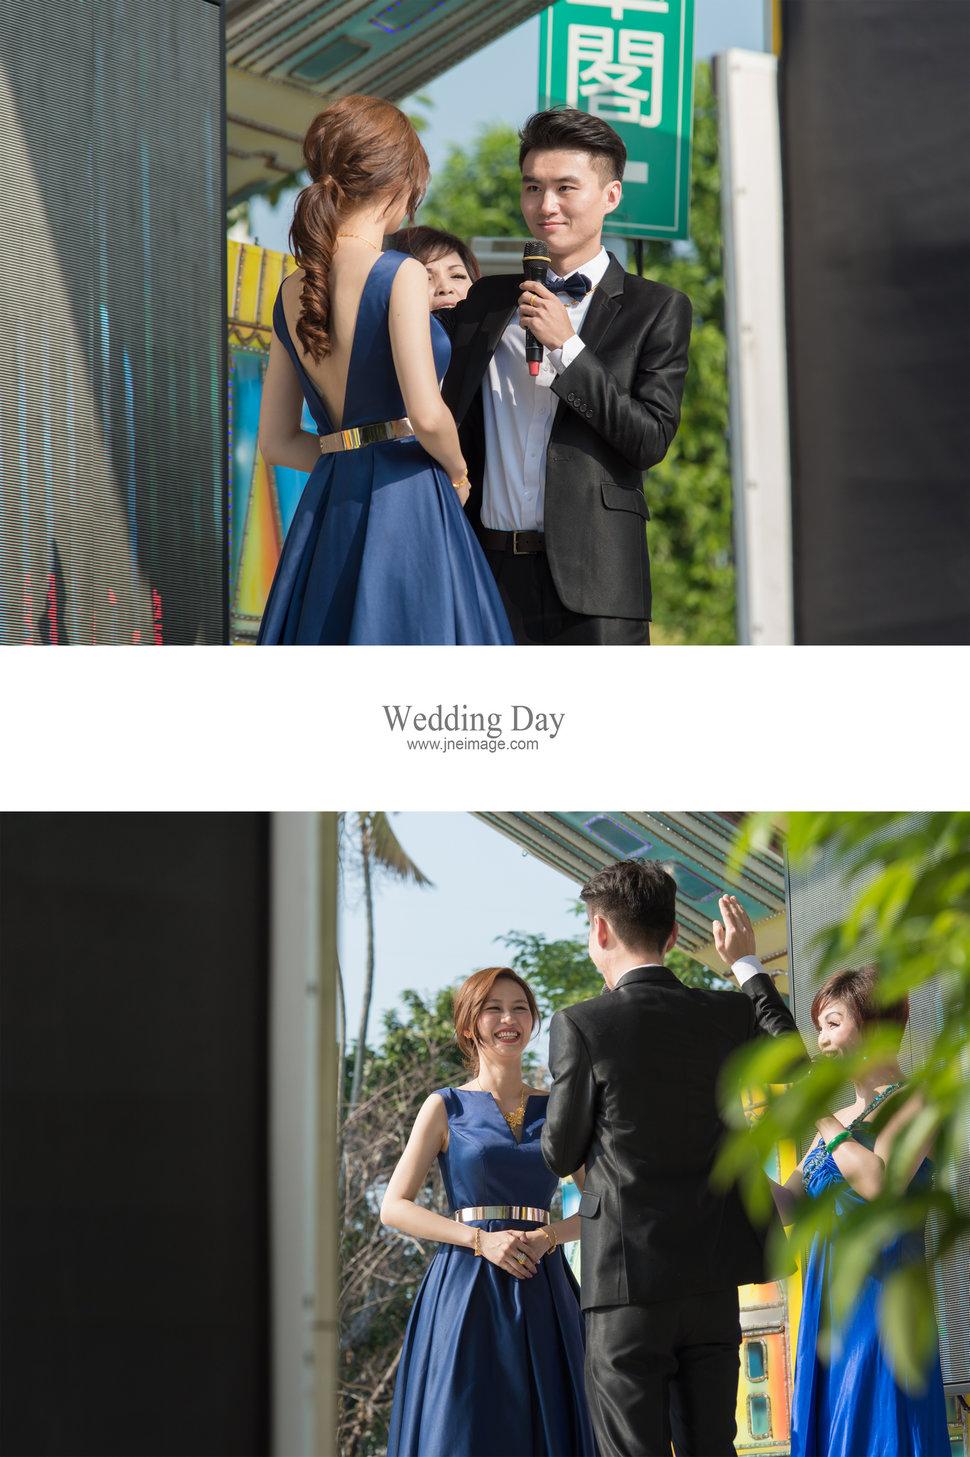 _JNE0079 - J&E Image Studio - 結婚吧